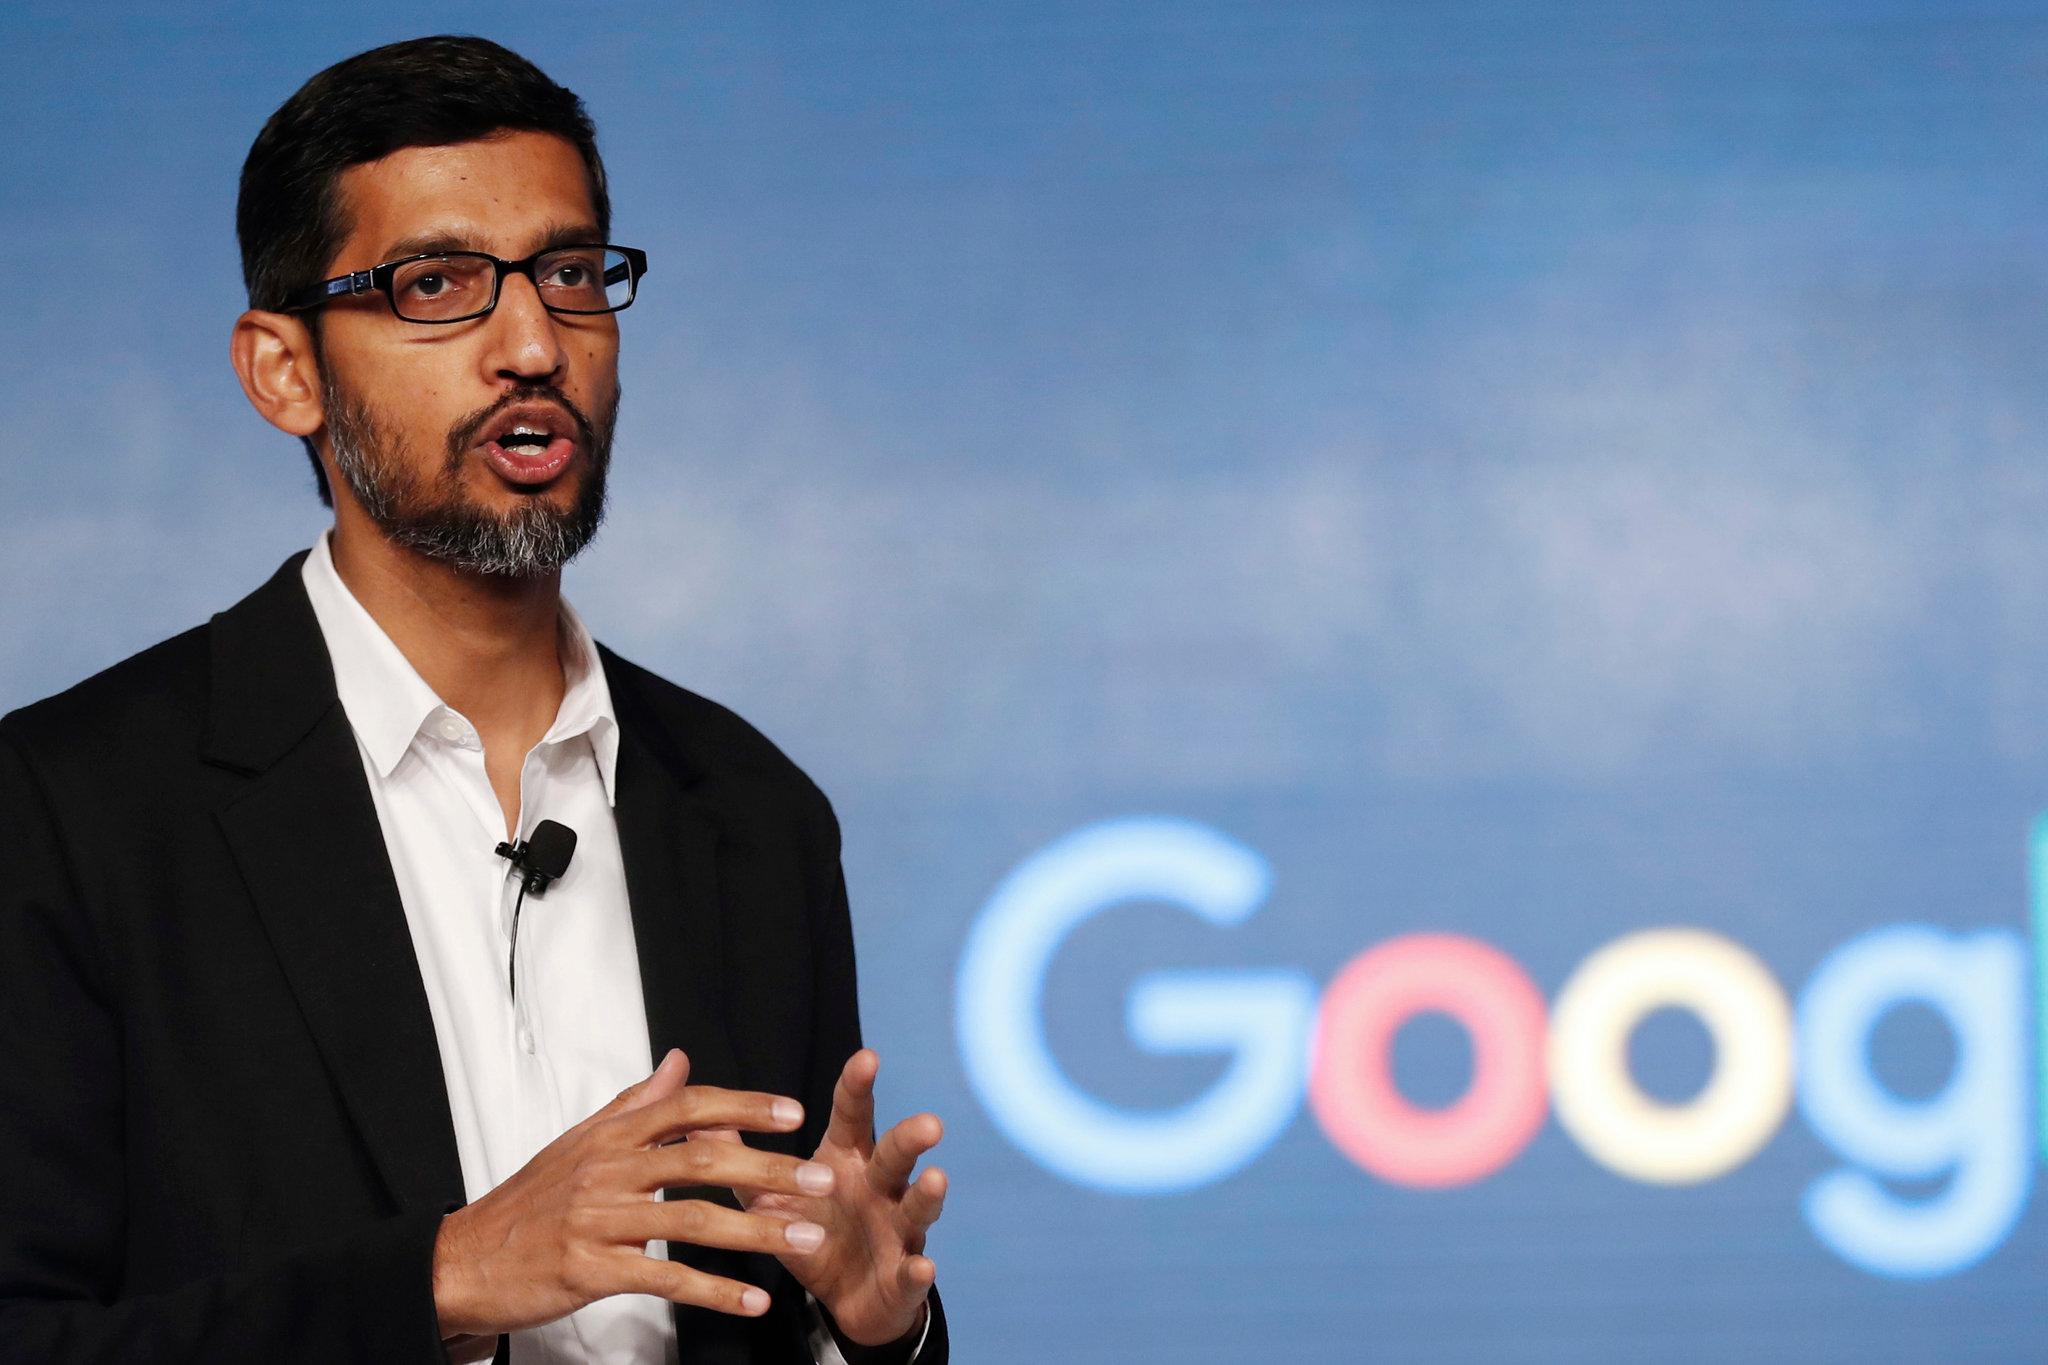 Google : 150 millions d'euros d'amende pour abus de position dominante